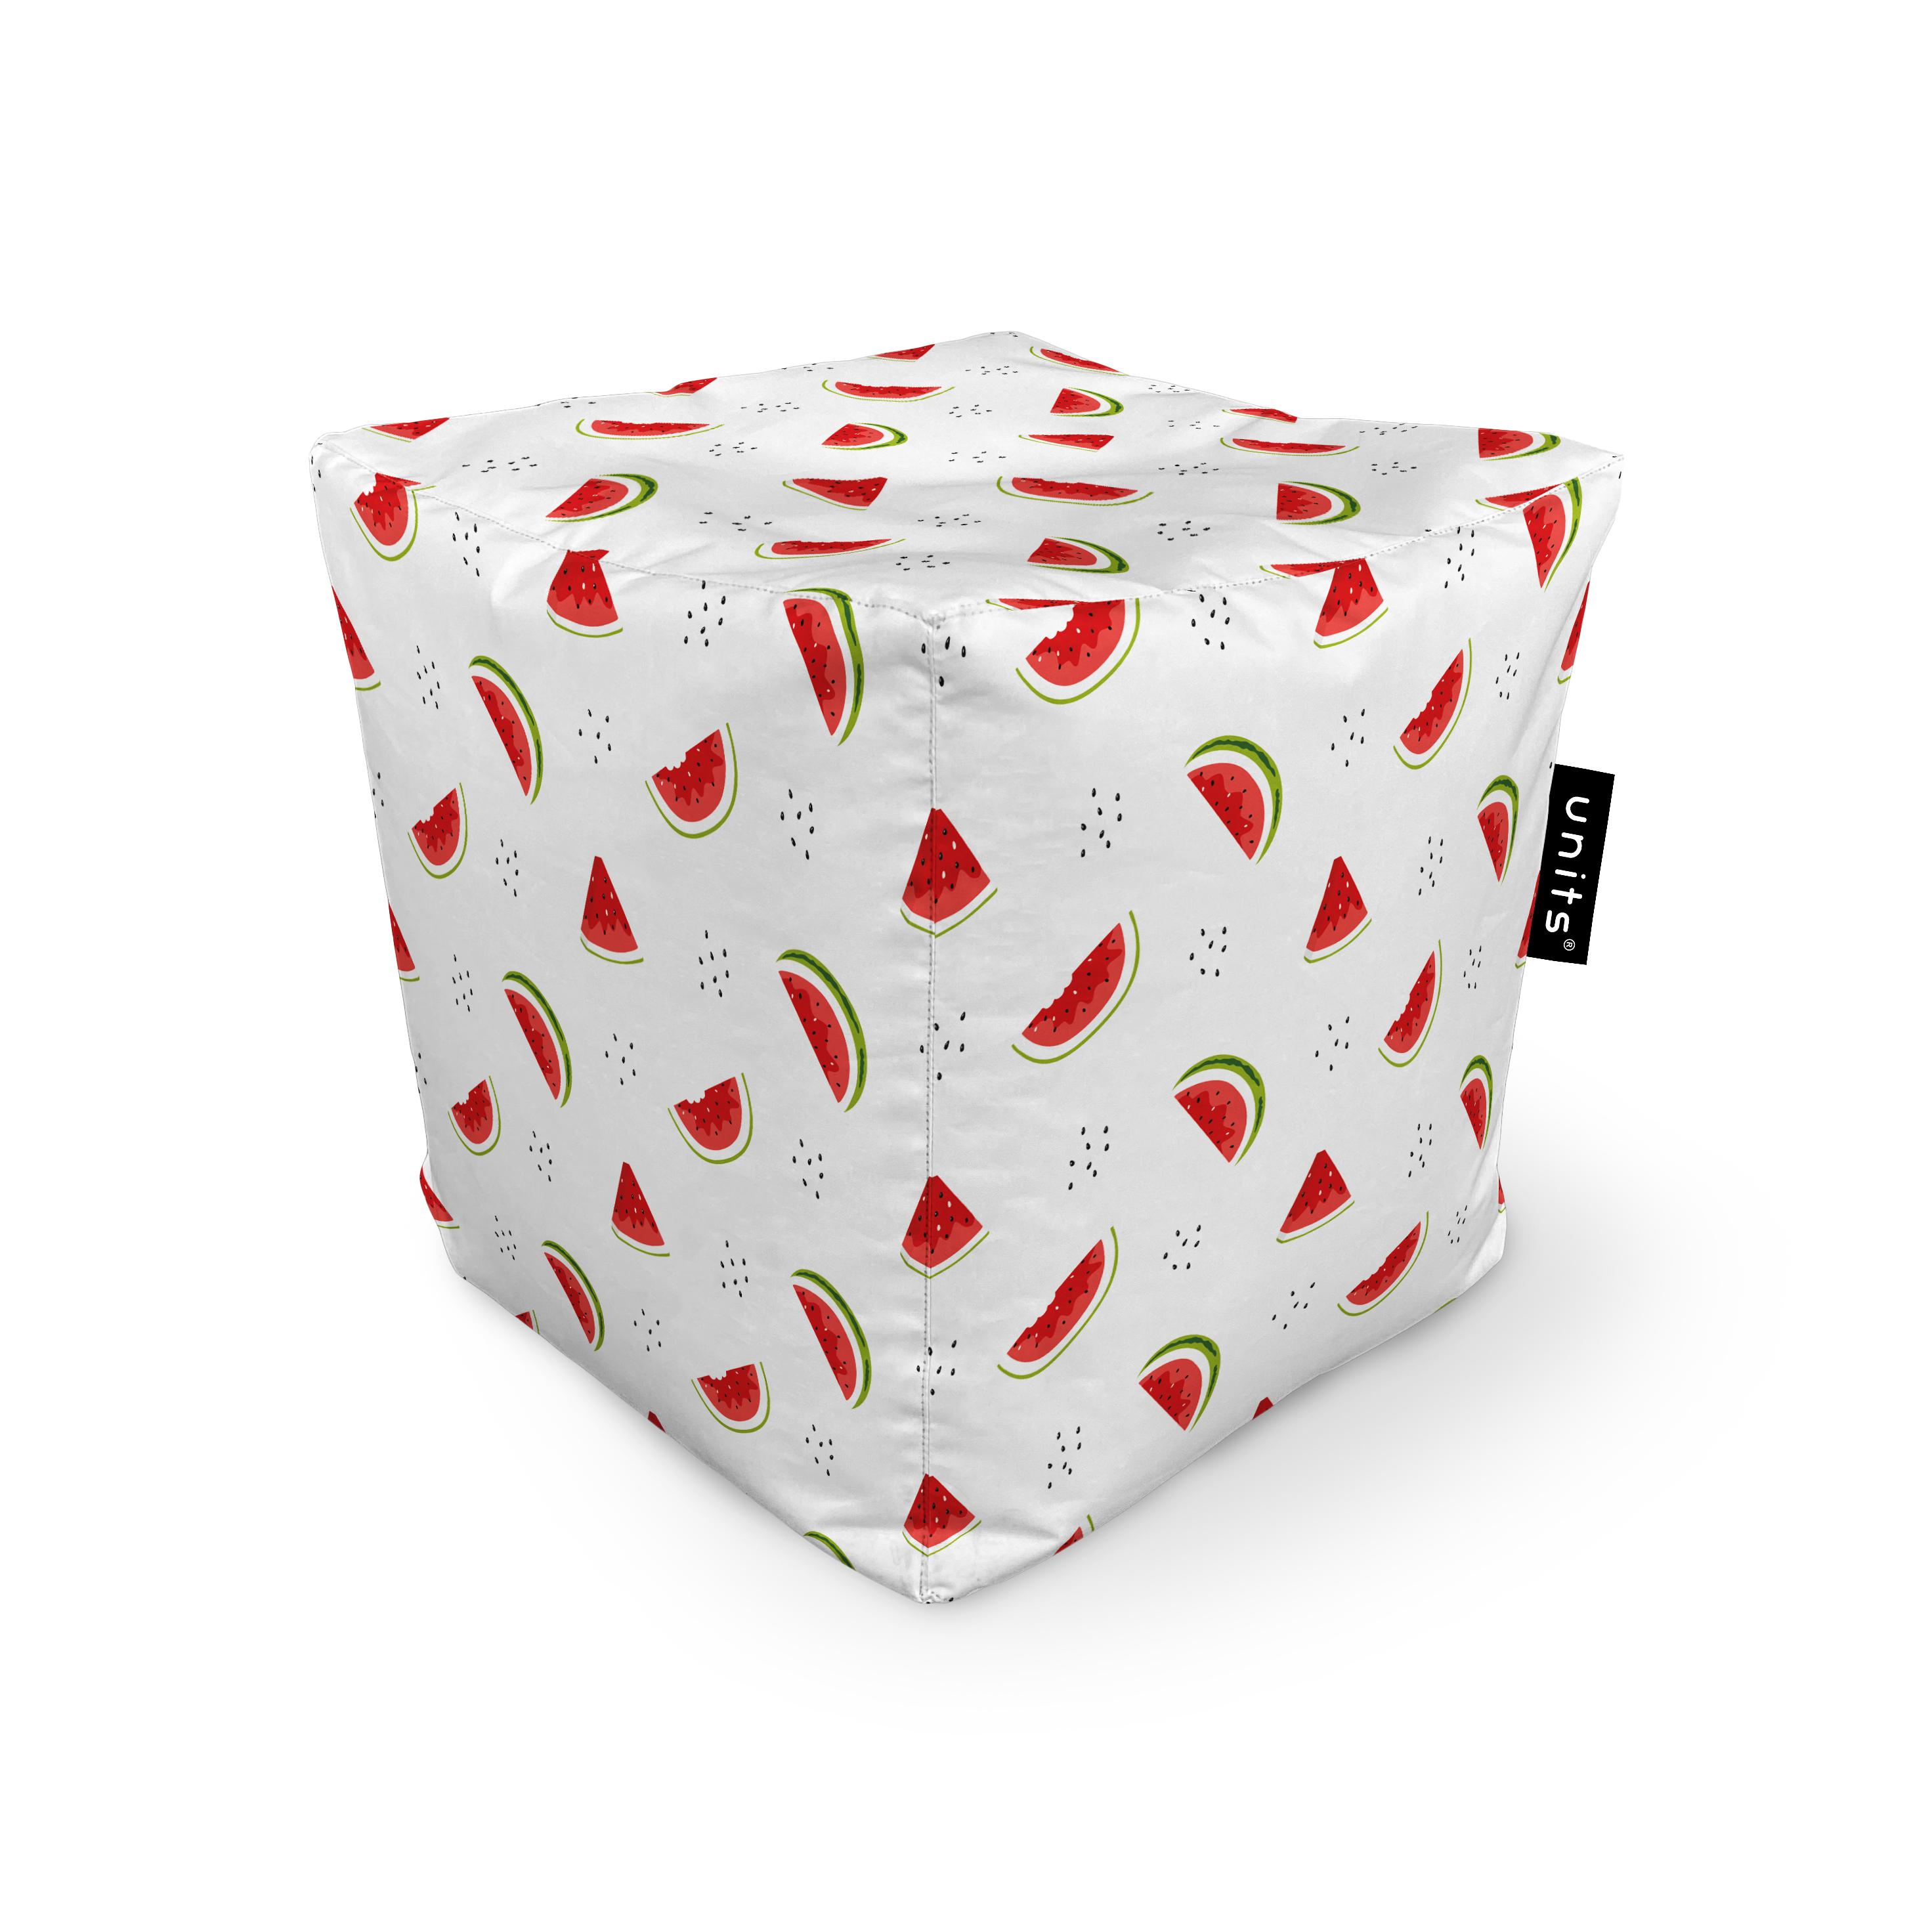 Fotoliu units puf (bean bags) tip cub, impermeabil, alb cu felii de pepene imagine